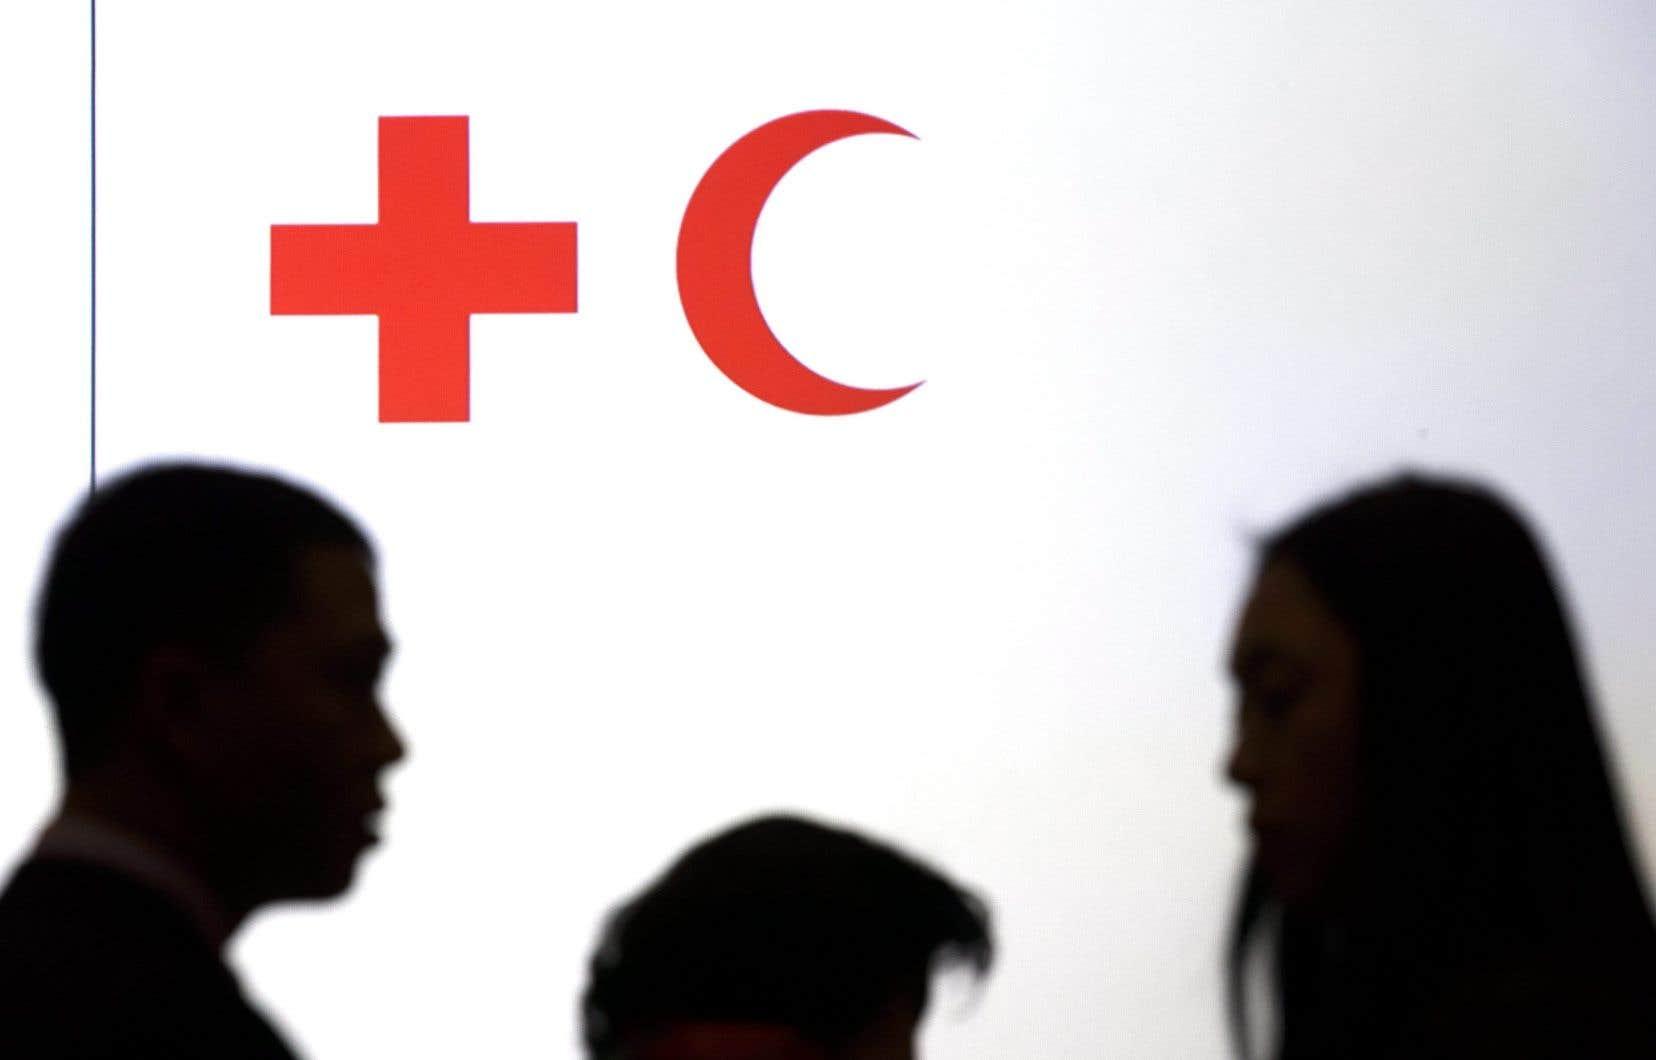 «Une information vérifiée dans un contexte d'urgence est aussi importante que la réponse médicale», estime Nicola Jones, porte-parole de la Fédération internationale des sociétés de la Croix-Rouge, dans un communiqué.